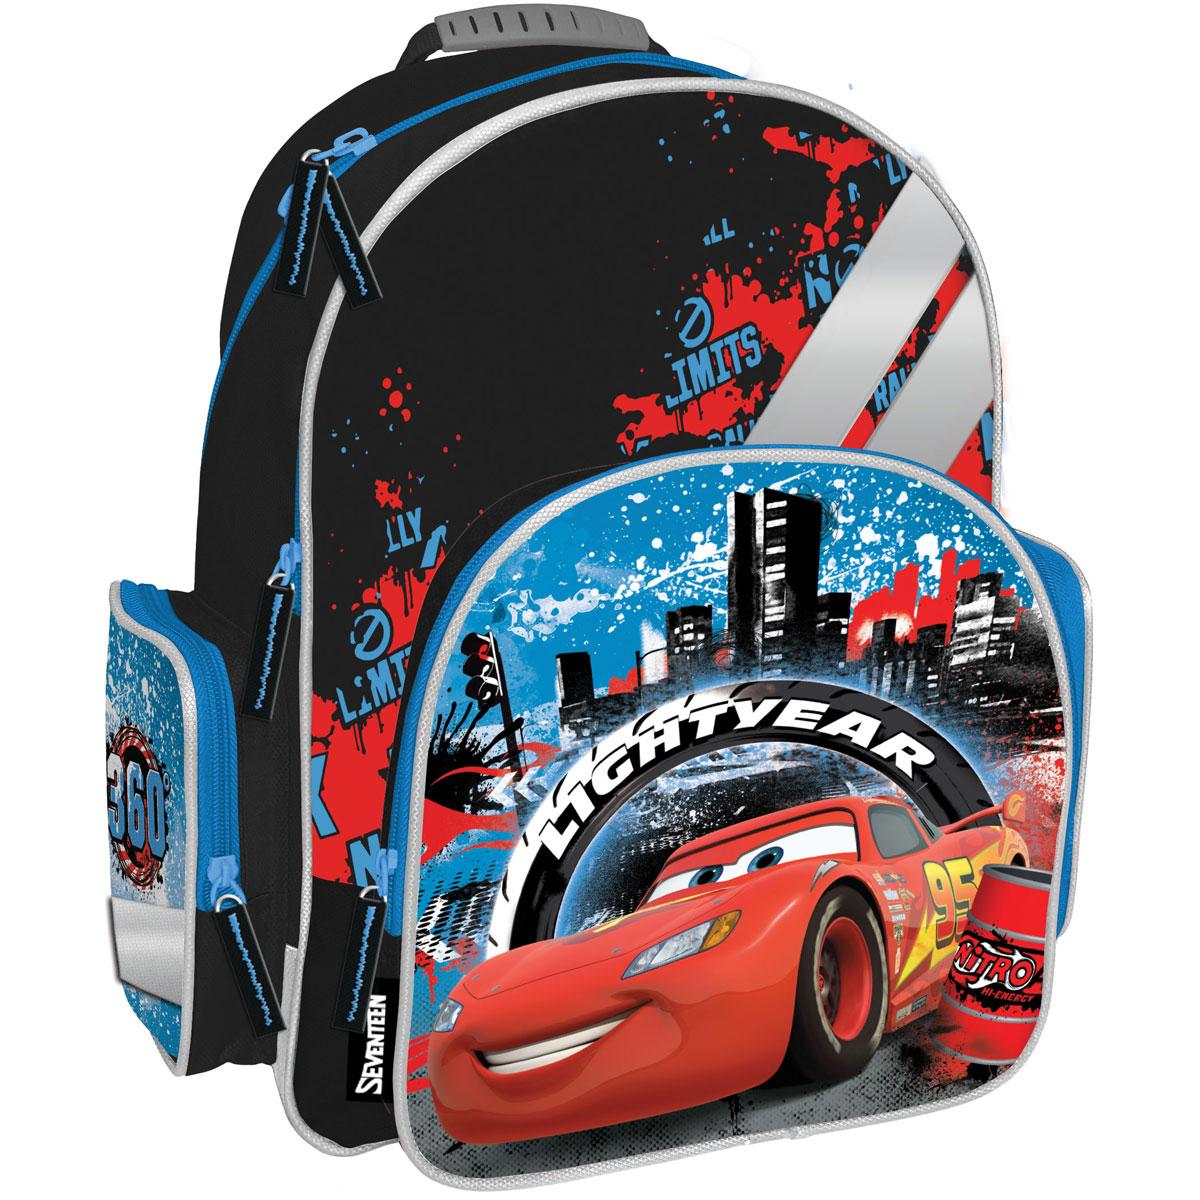 Рюкзак школьный Cars, цвет: черный, голубой, красный. CRCB-MT1-9621CRCB-MT1-9621Рюкзак Cars обязательно понравится вашему школьнику. Выполнен из прочных и высококачественных материалов, дополнен изображением героя из известного мультфильма Тачки.Содержит два вместительных отделения, закрывающиеся на застежки-молнии. В большом отделении находятся две перегородки для тетрадей или учебников. Лицевая сторона оснащена накладным карманом на молнии. По бокам расположены два накладных кармана: на застежке-молнии и открытый, стянутый сверху резинкой. Специально разработанная архитектура спинки со стабилизирующими набивными элементами повторяет естественный изгиб позвоночника. Набивные элементы обеспечивают вентиляцию спины ребенка. Плечевые лямки анатомической формы равномерно распределяют нагрузку на плечевую и воротниковую зоны. Конструкция пряжки лямок позволяет отрегулировать рюкзак по фигуре. Рюкзак оснащен эргономичной ручкой для удобной переноски в руке. Светоотражающие элементы обеспечивают безопасность в темное время суток.Многофункциональный школьный рюкзак станет незаменимым спутником вашего ребенка в походах за знаниями.Вес рюкзака без наполнения: 700 г.Рекомендуемый возраст: от 12 лет.